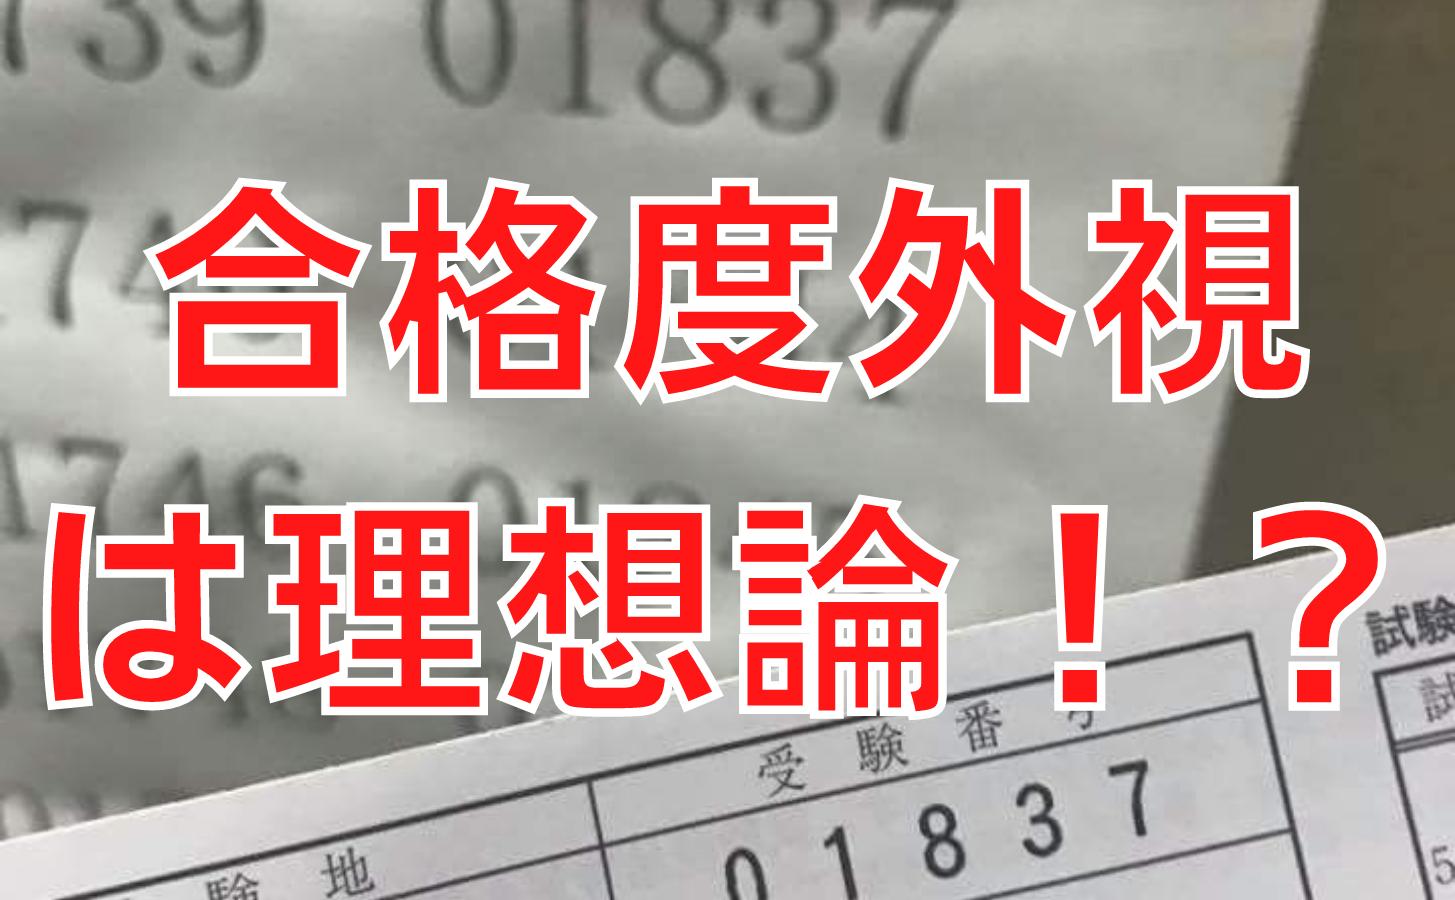 合格者掲示板と受験番号